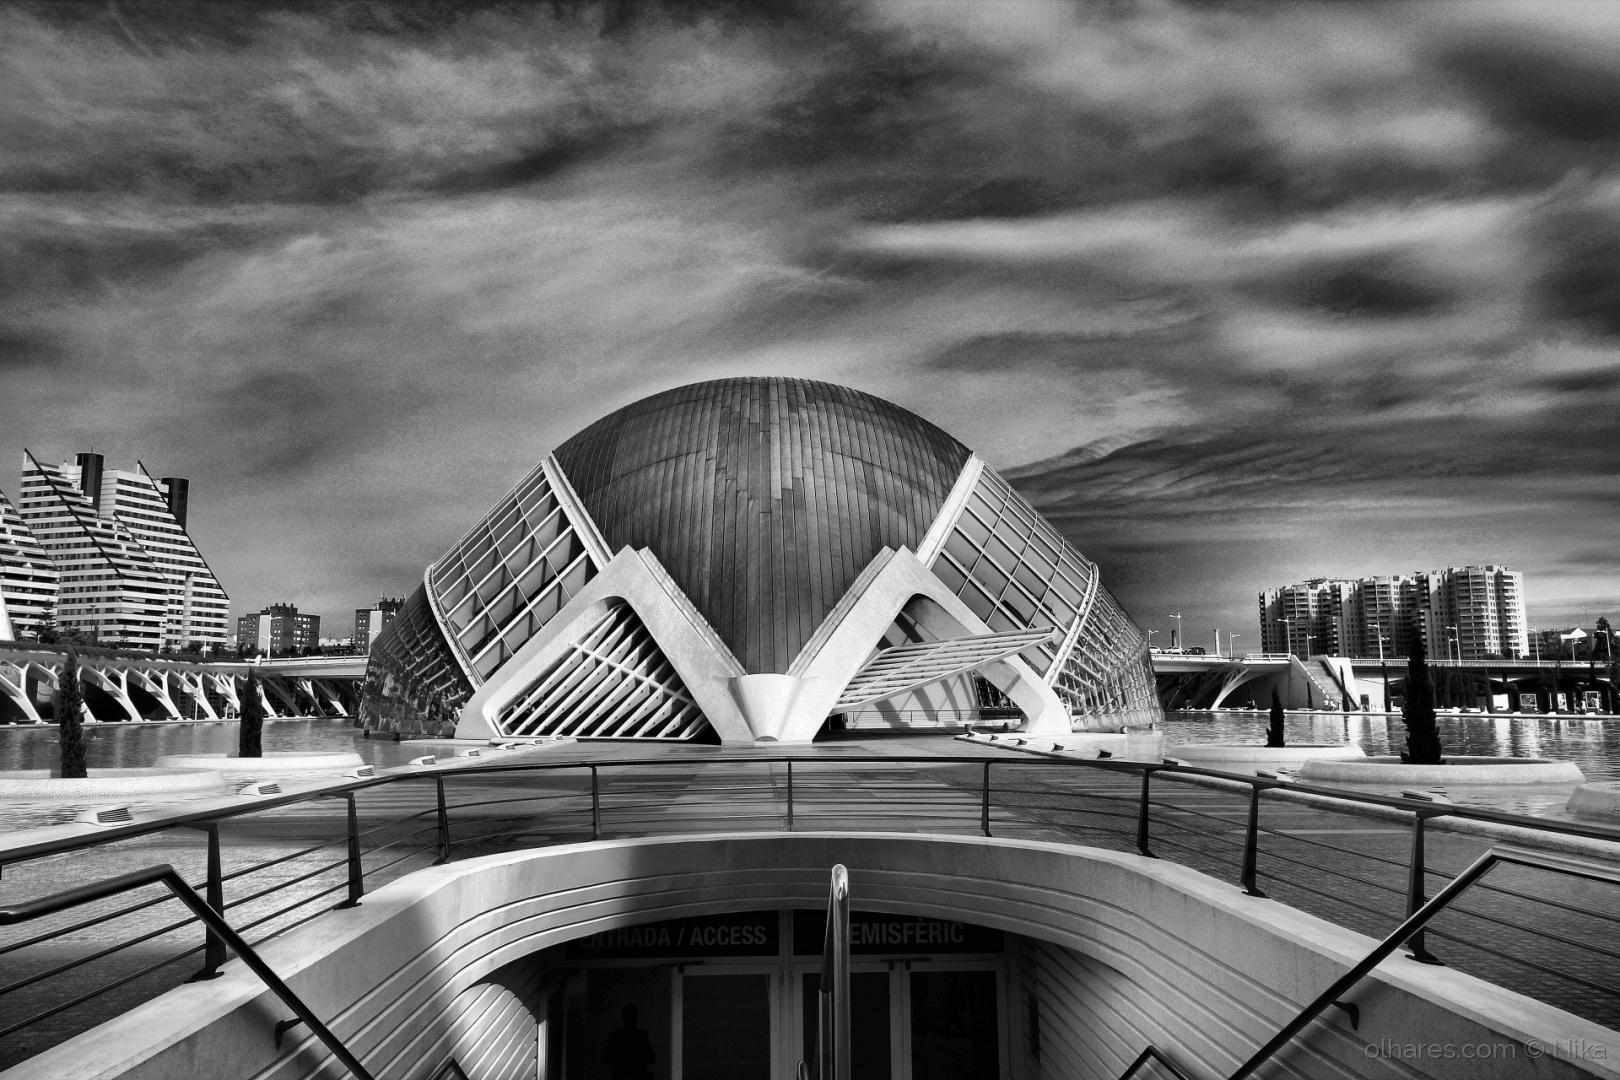 Paisagem Urbana/Valencia - Calatrava